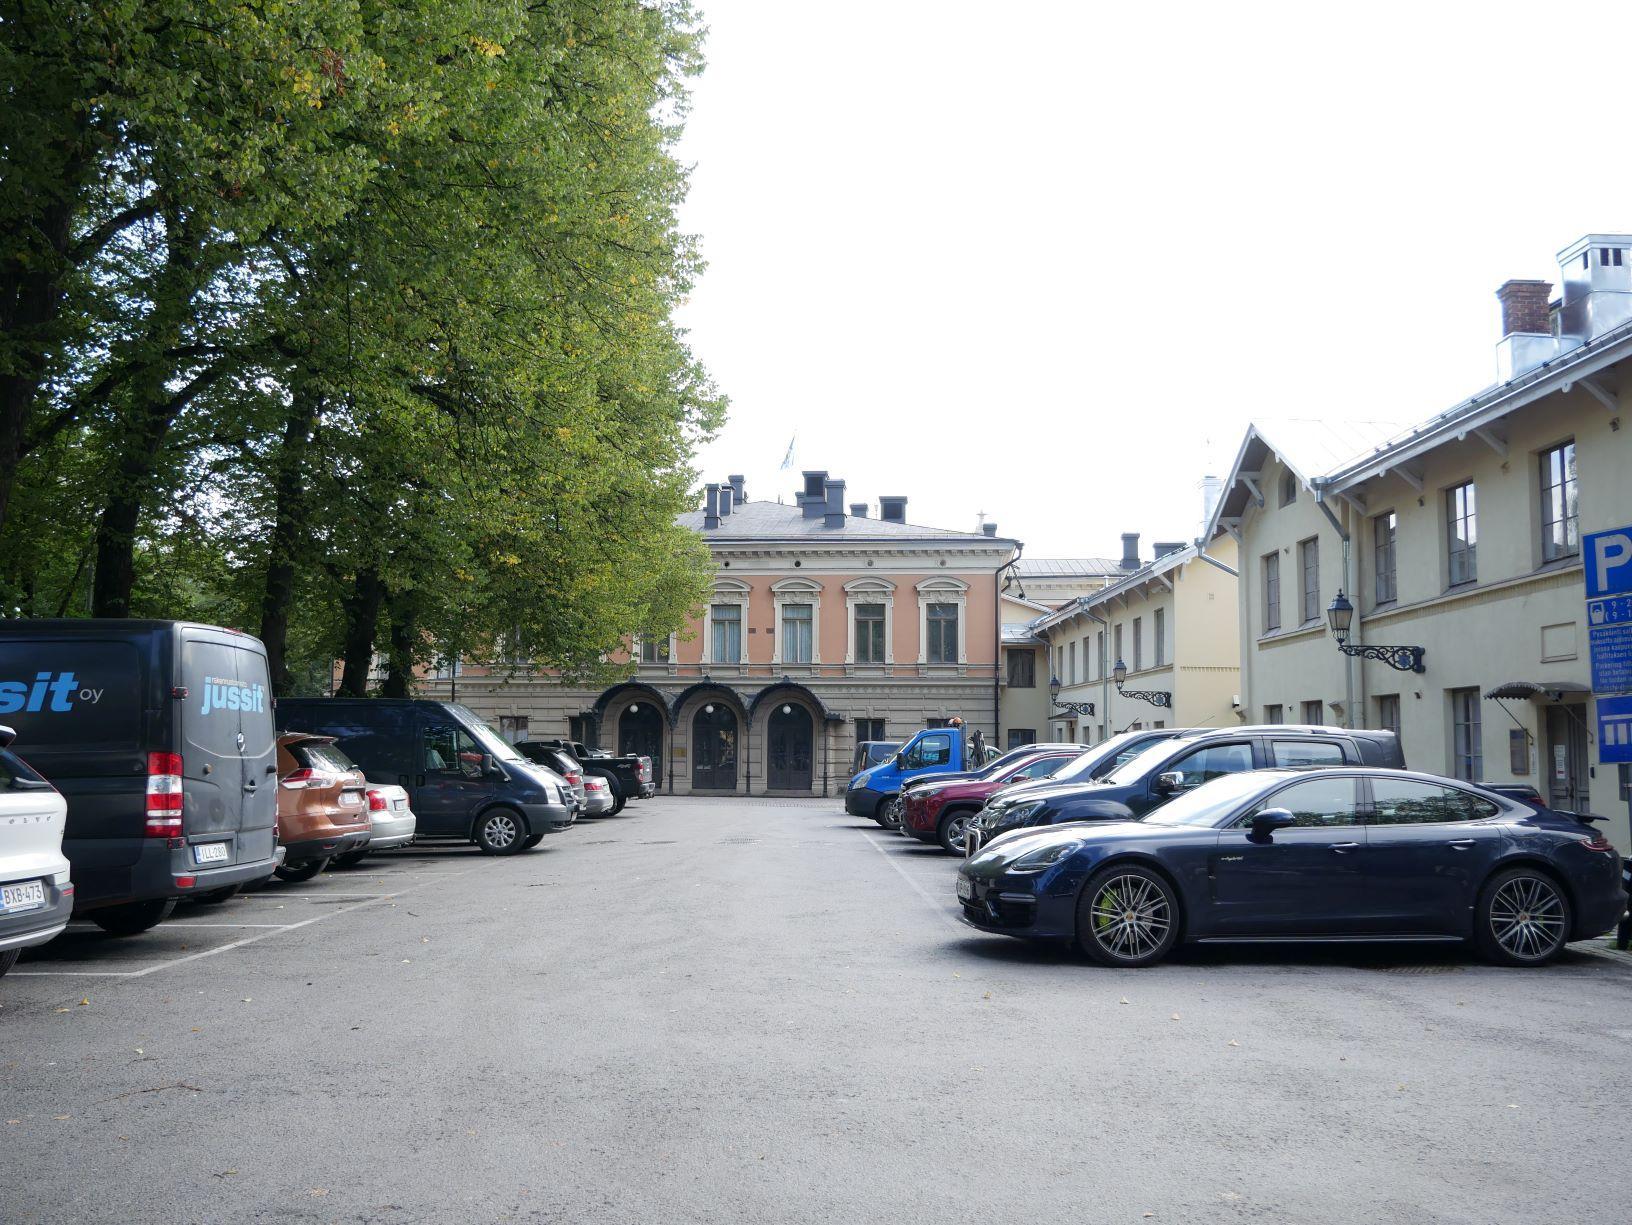 En parkeringsplats mewd stadshuset i bakgrunden